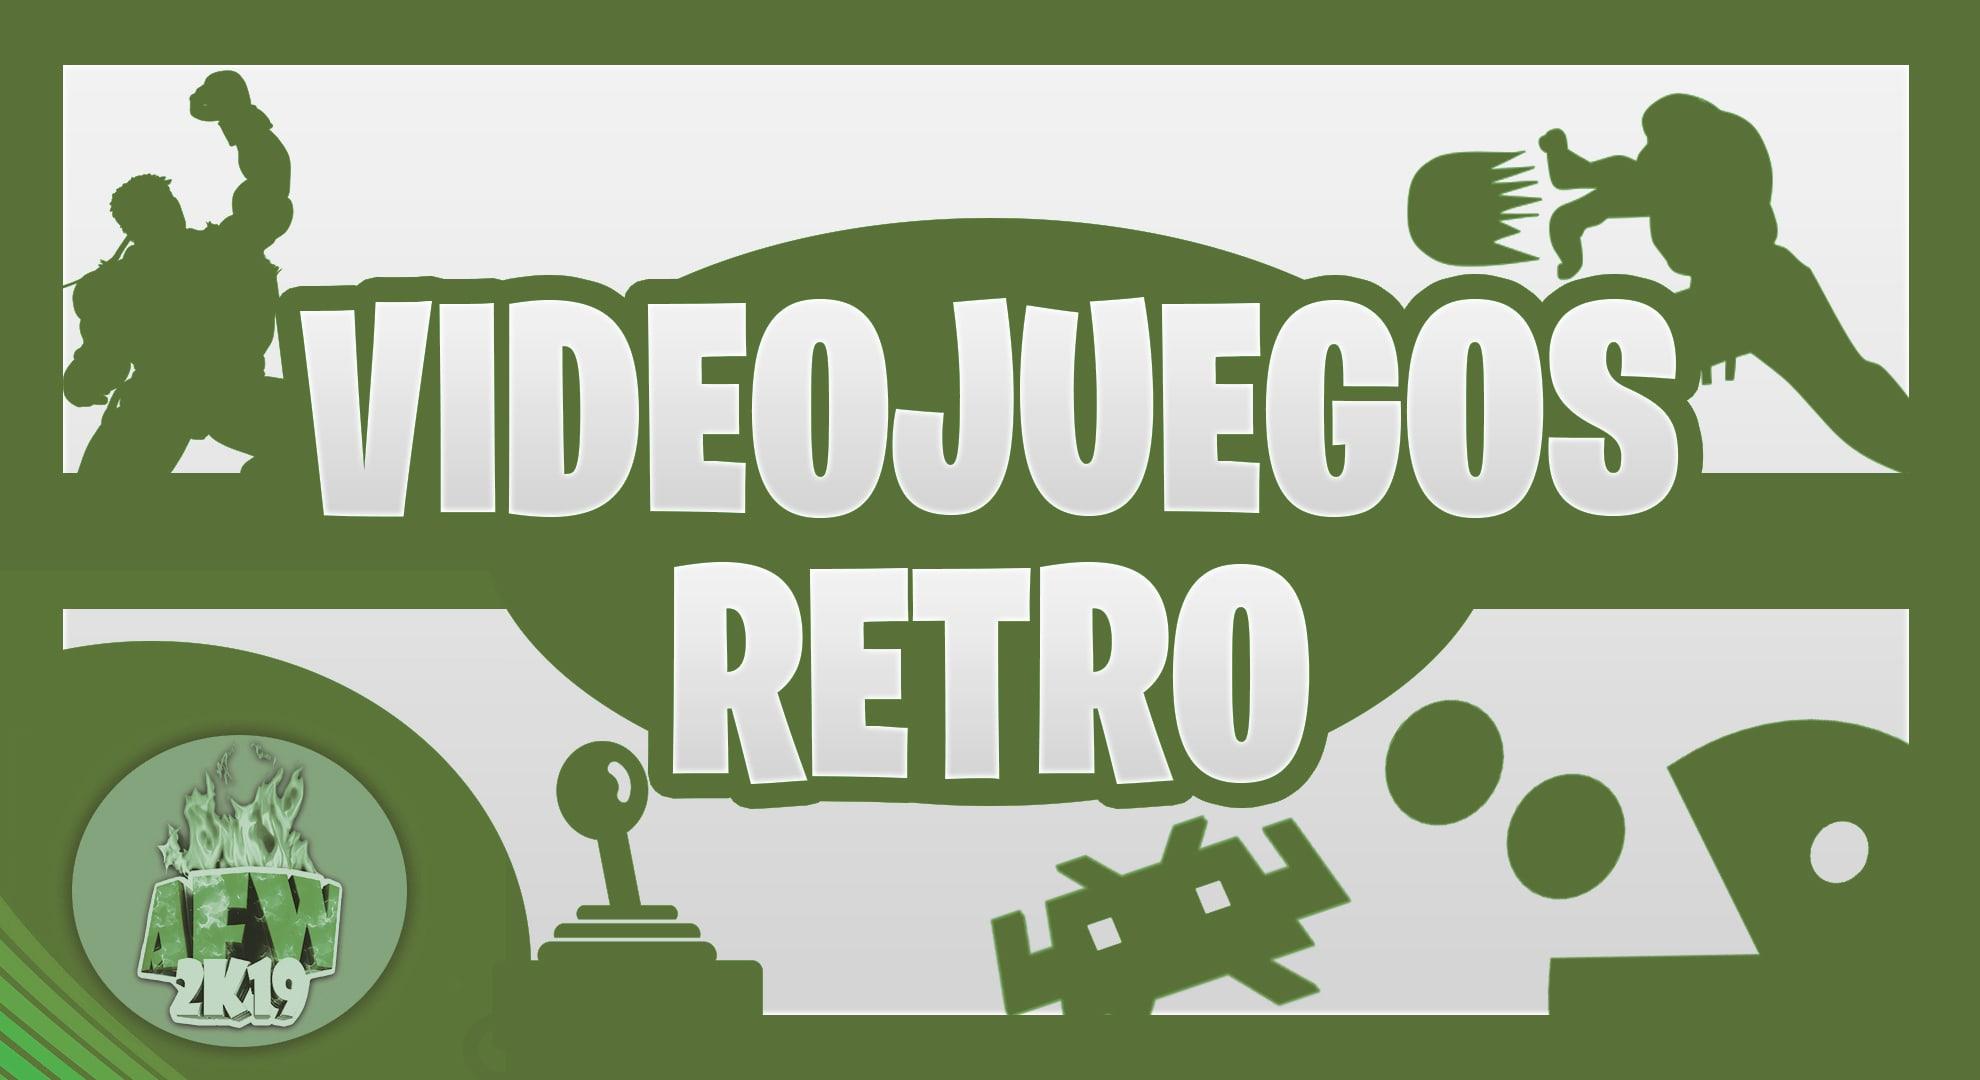 videojuegos_retro